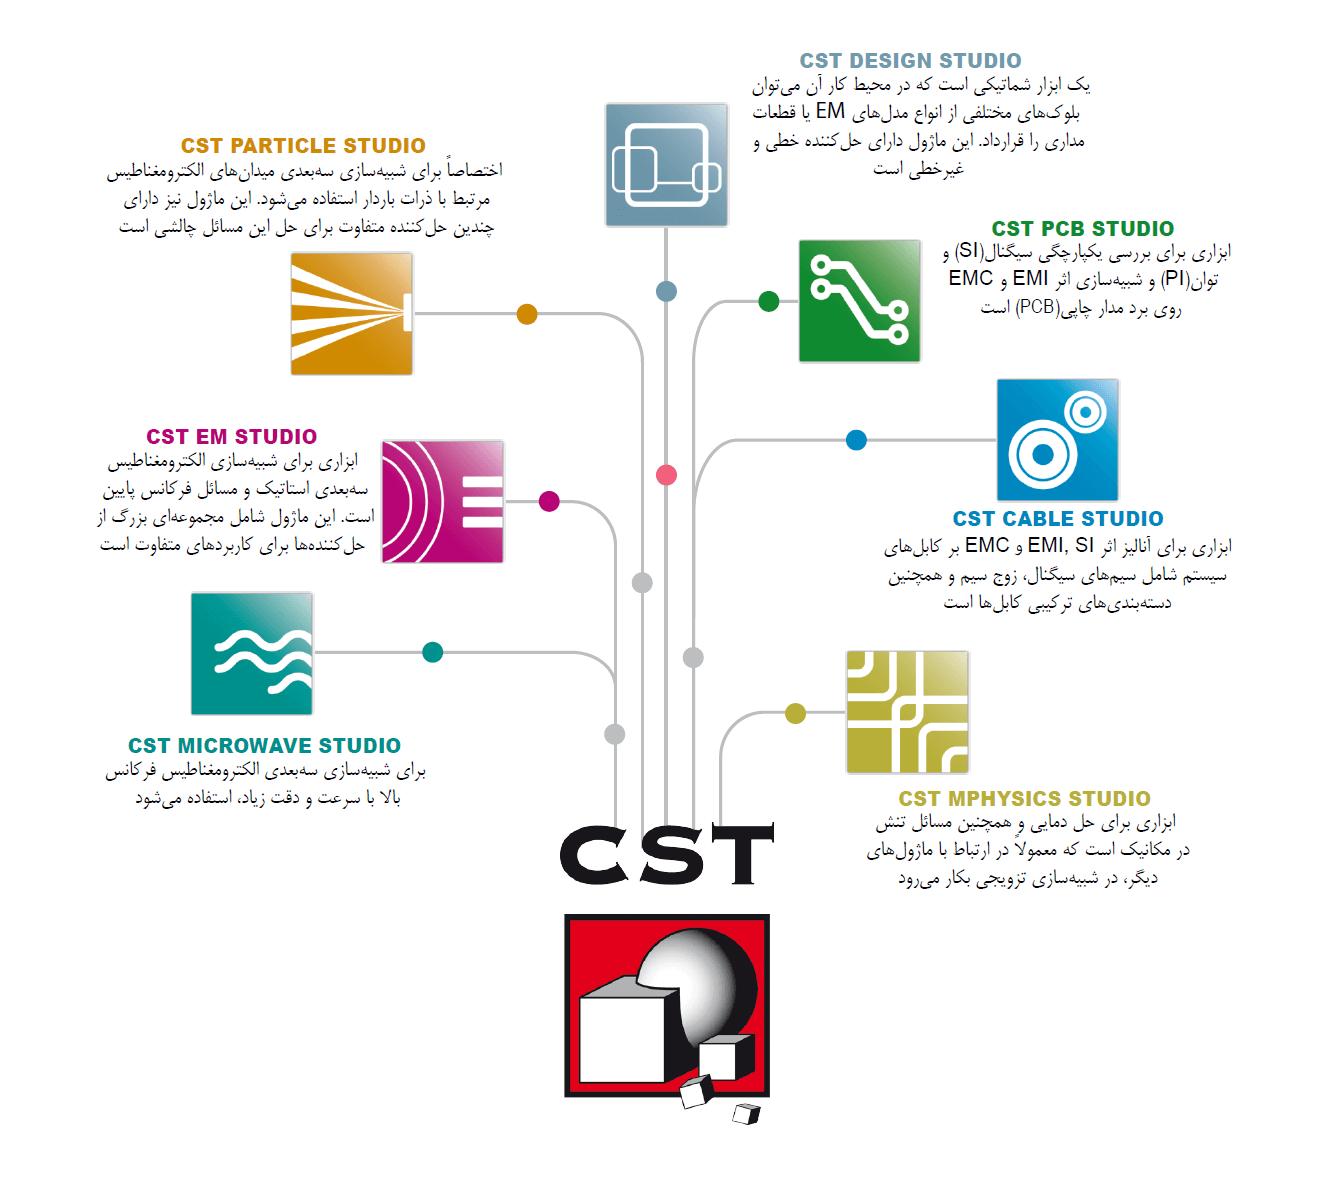 ماژولهای نرم افزار CST